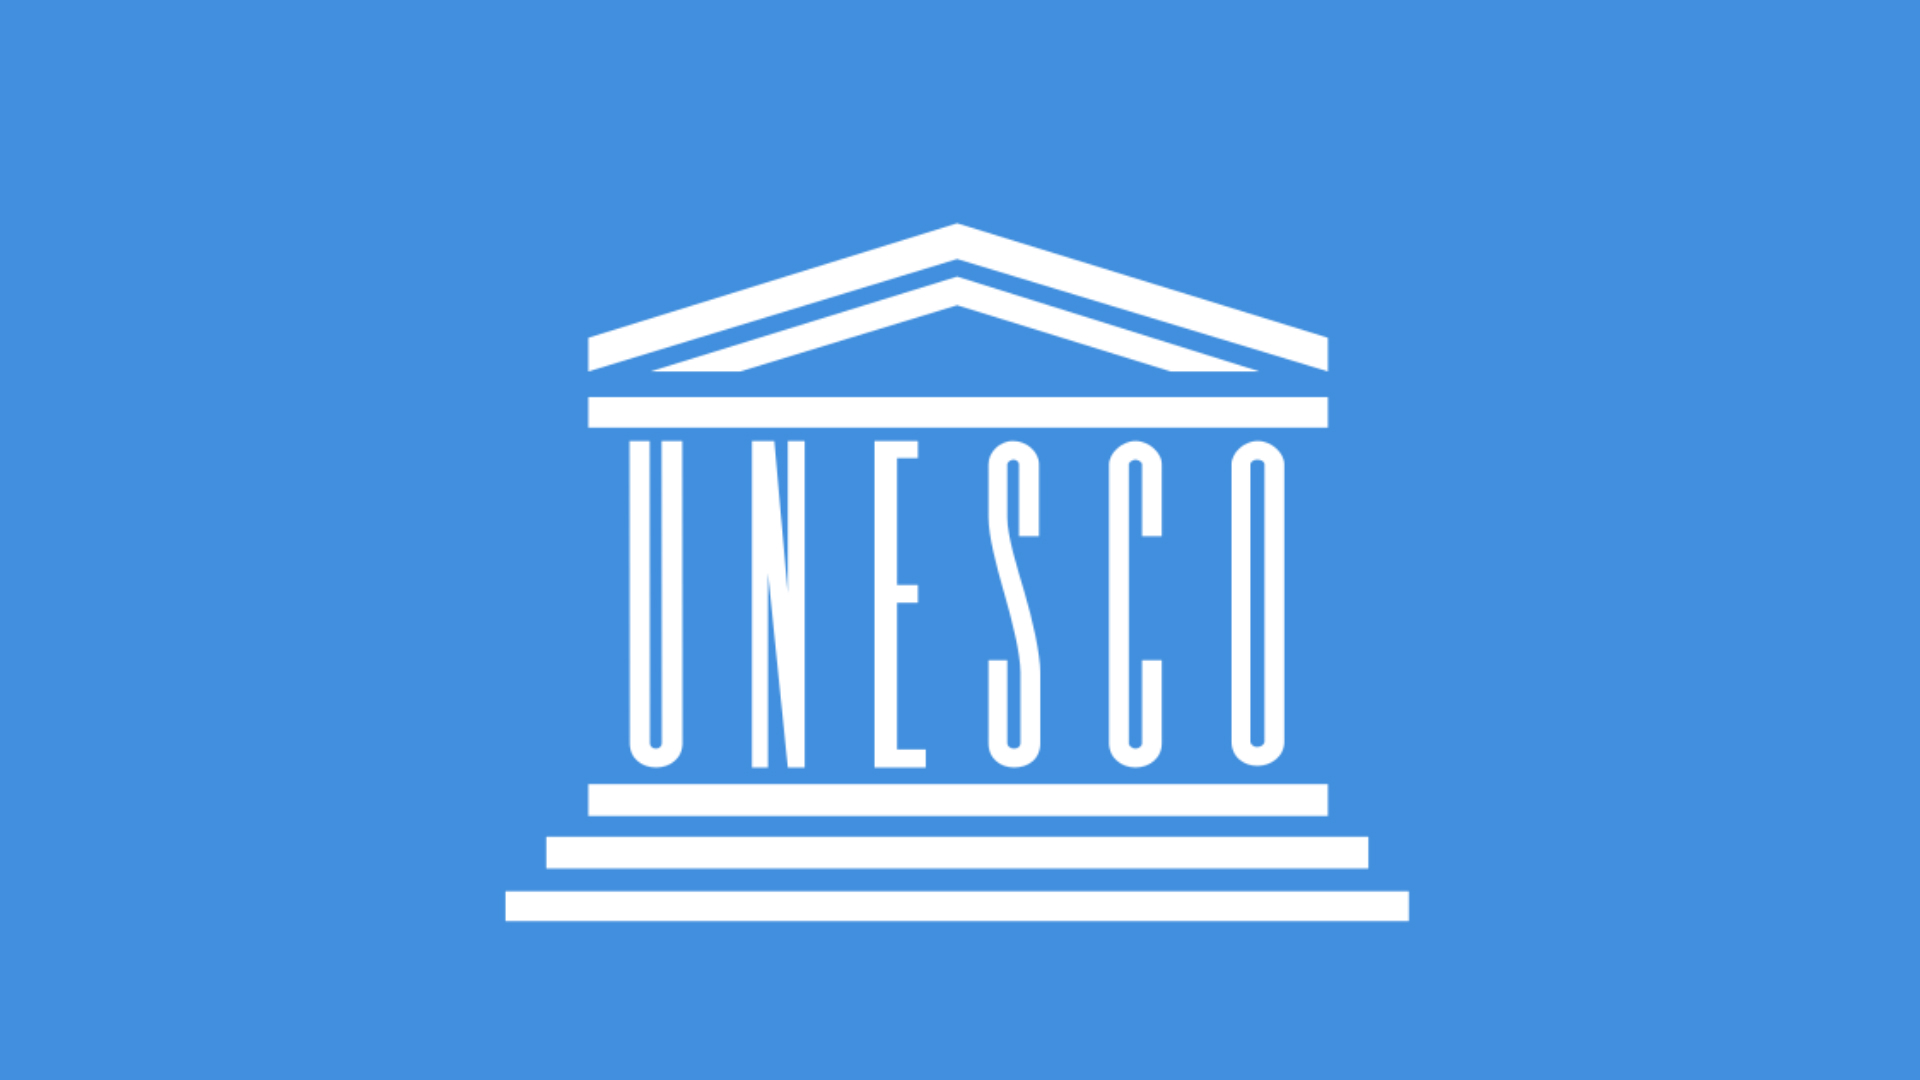 اليونسكو تصدر شهادتي تسجيل للعراق على قائمة التراث غير المادي